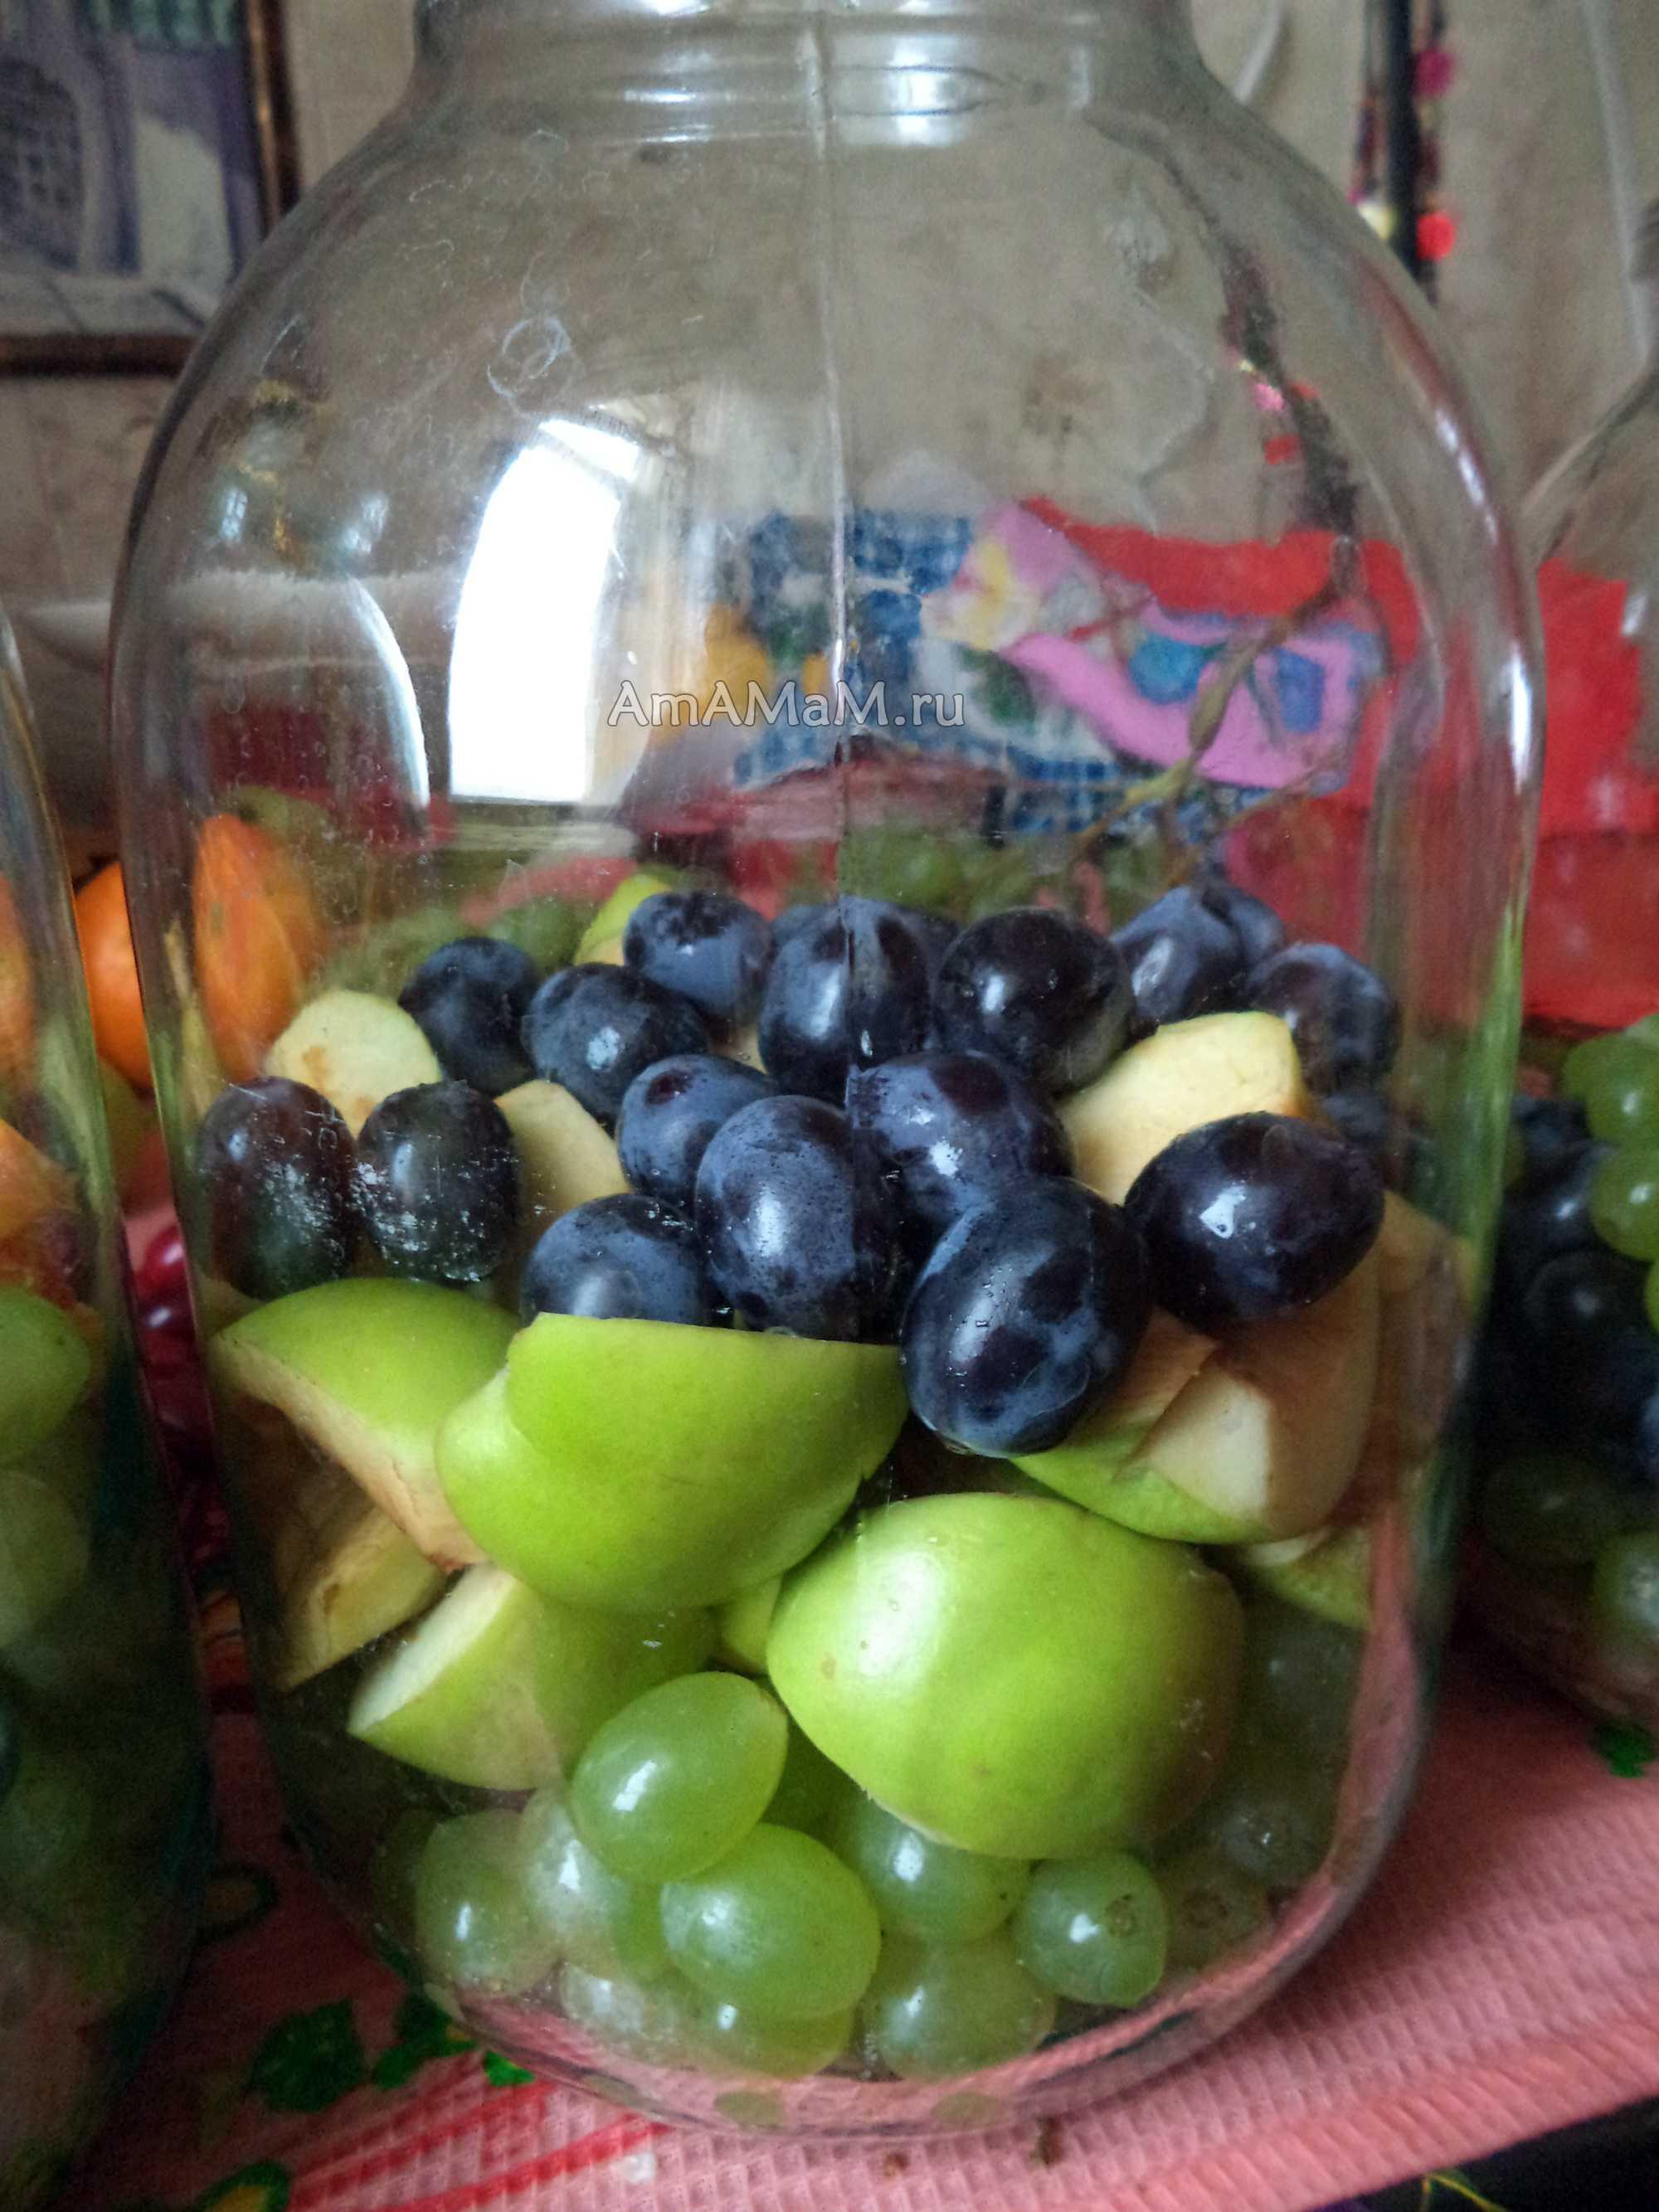 Компот из винограда на зиму: рецепты на 1-3 литровую банку с фото и видео